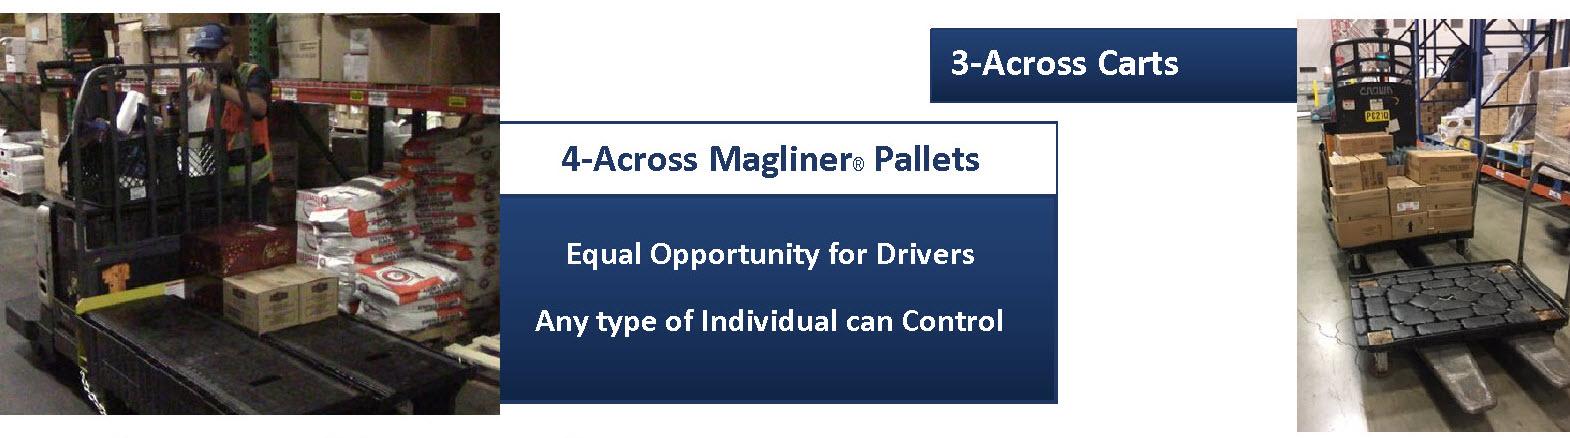 Magliner Pallets